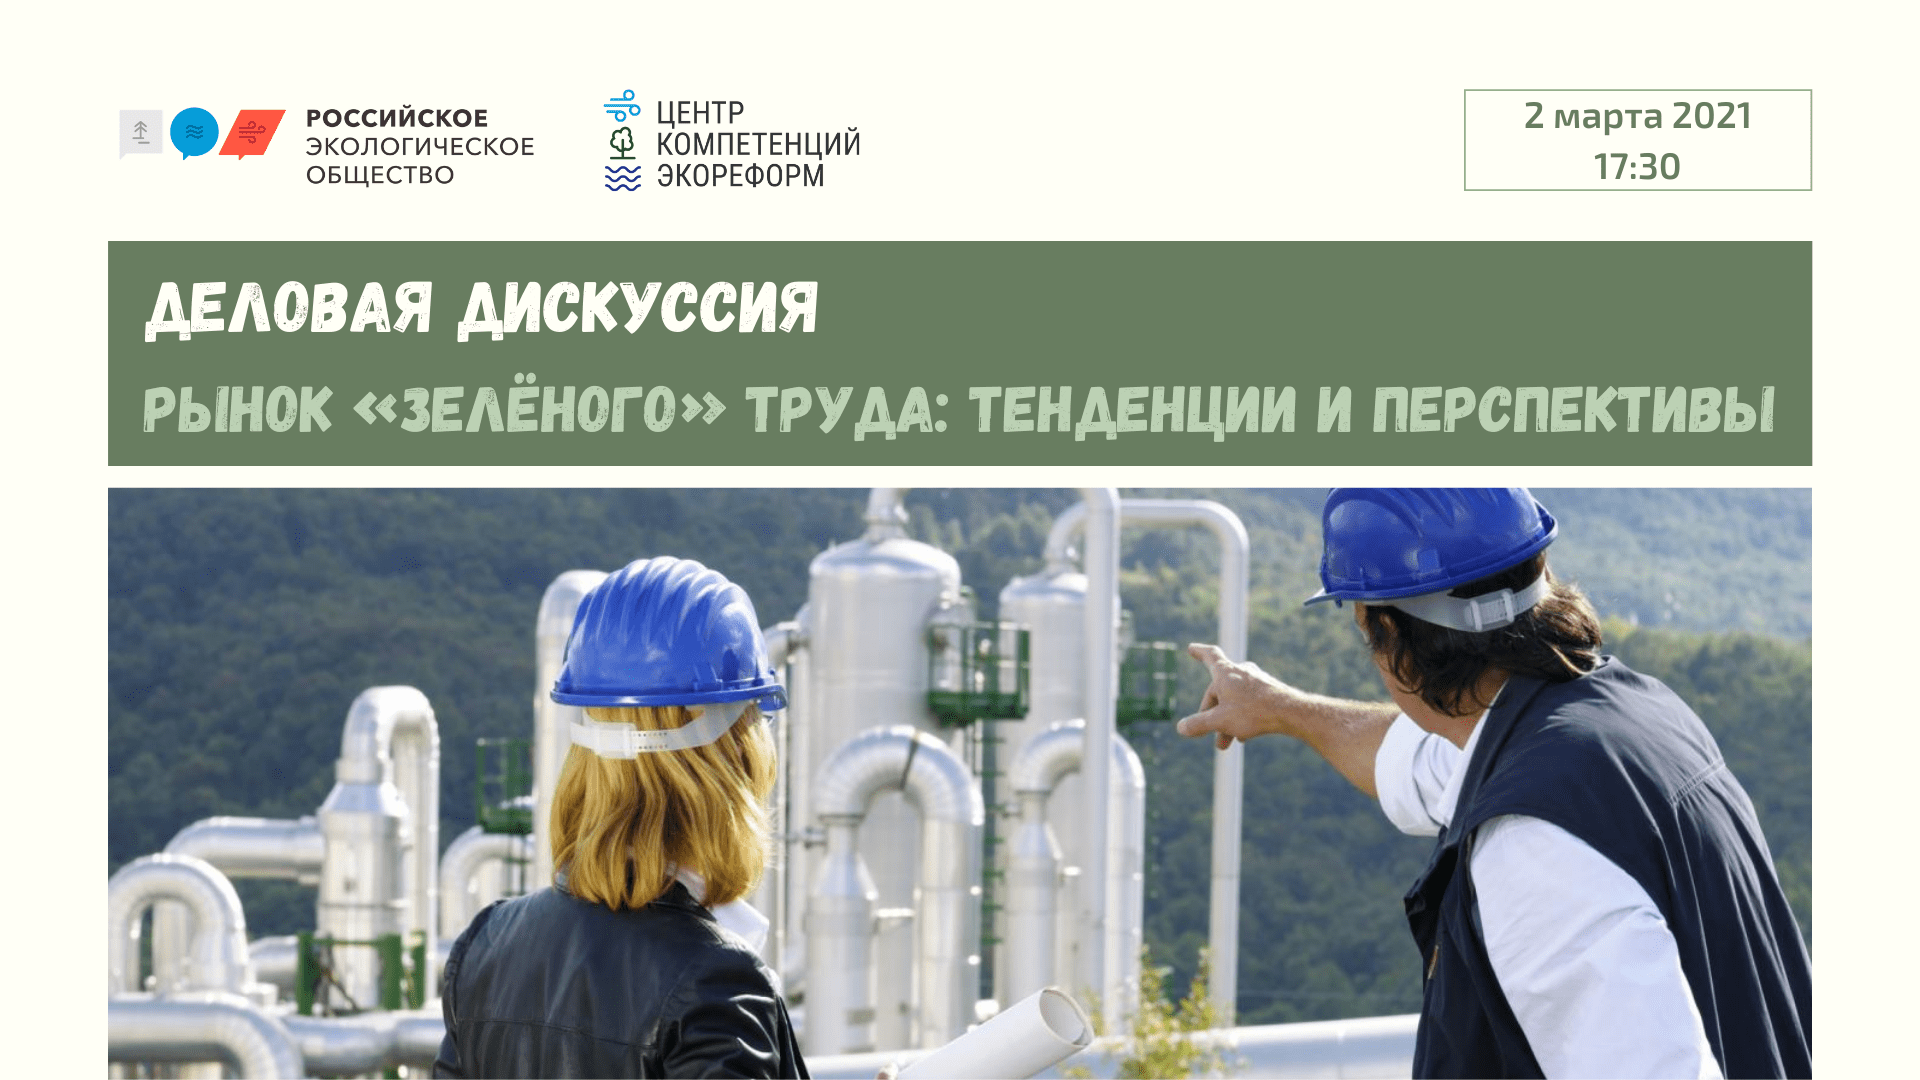 Российское экологическое общество проведет дискуссию на тему: «Профессиональные стандарты экологов»